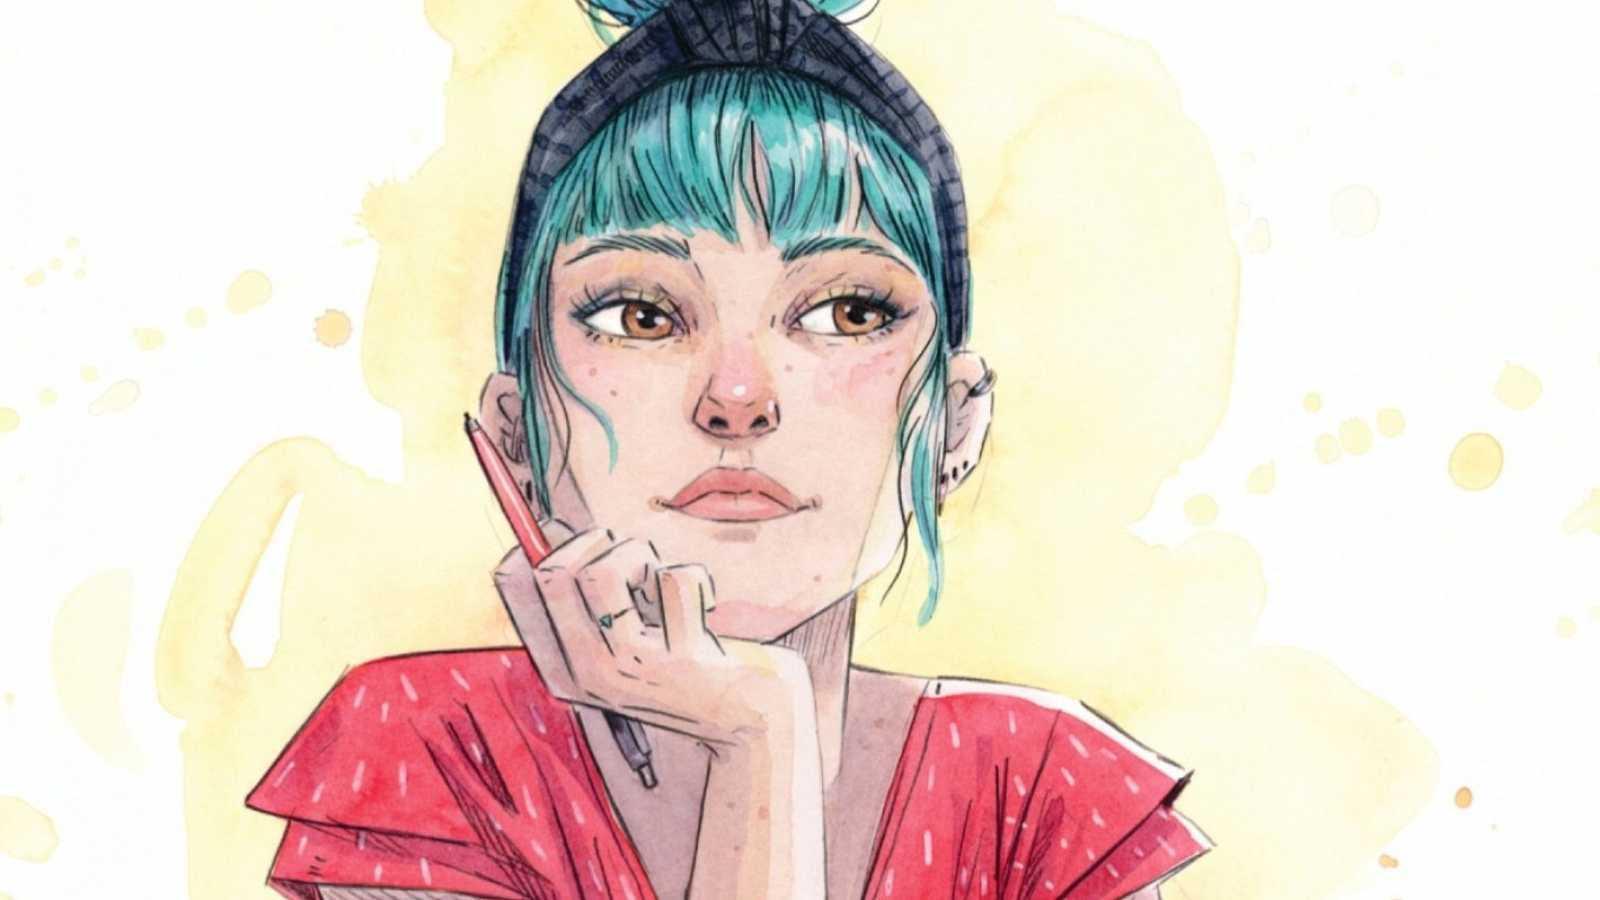 'Voces que cuentan', un cómic imprescindible de y sobre mujeres que buscan cambiar la sociedad